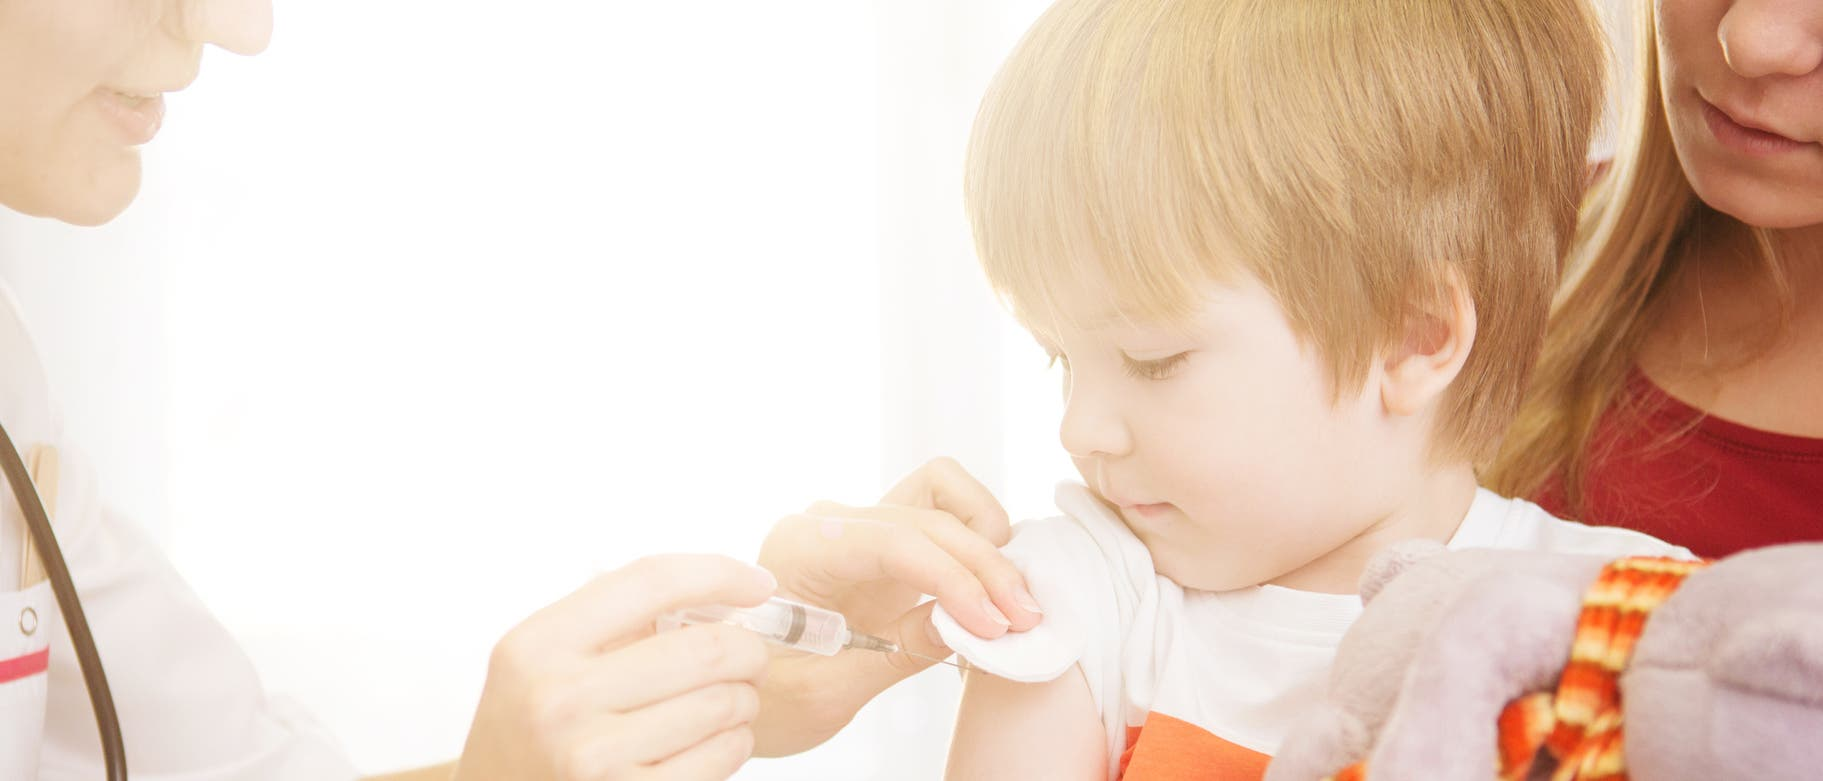 Die Masern-Impfung ist wirksam und sicher.